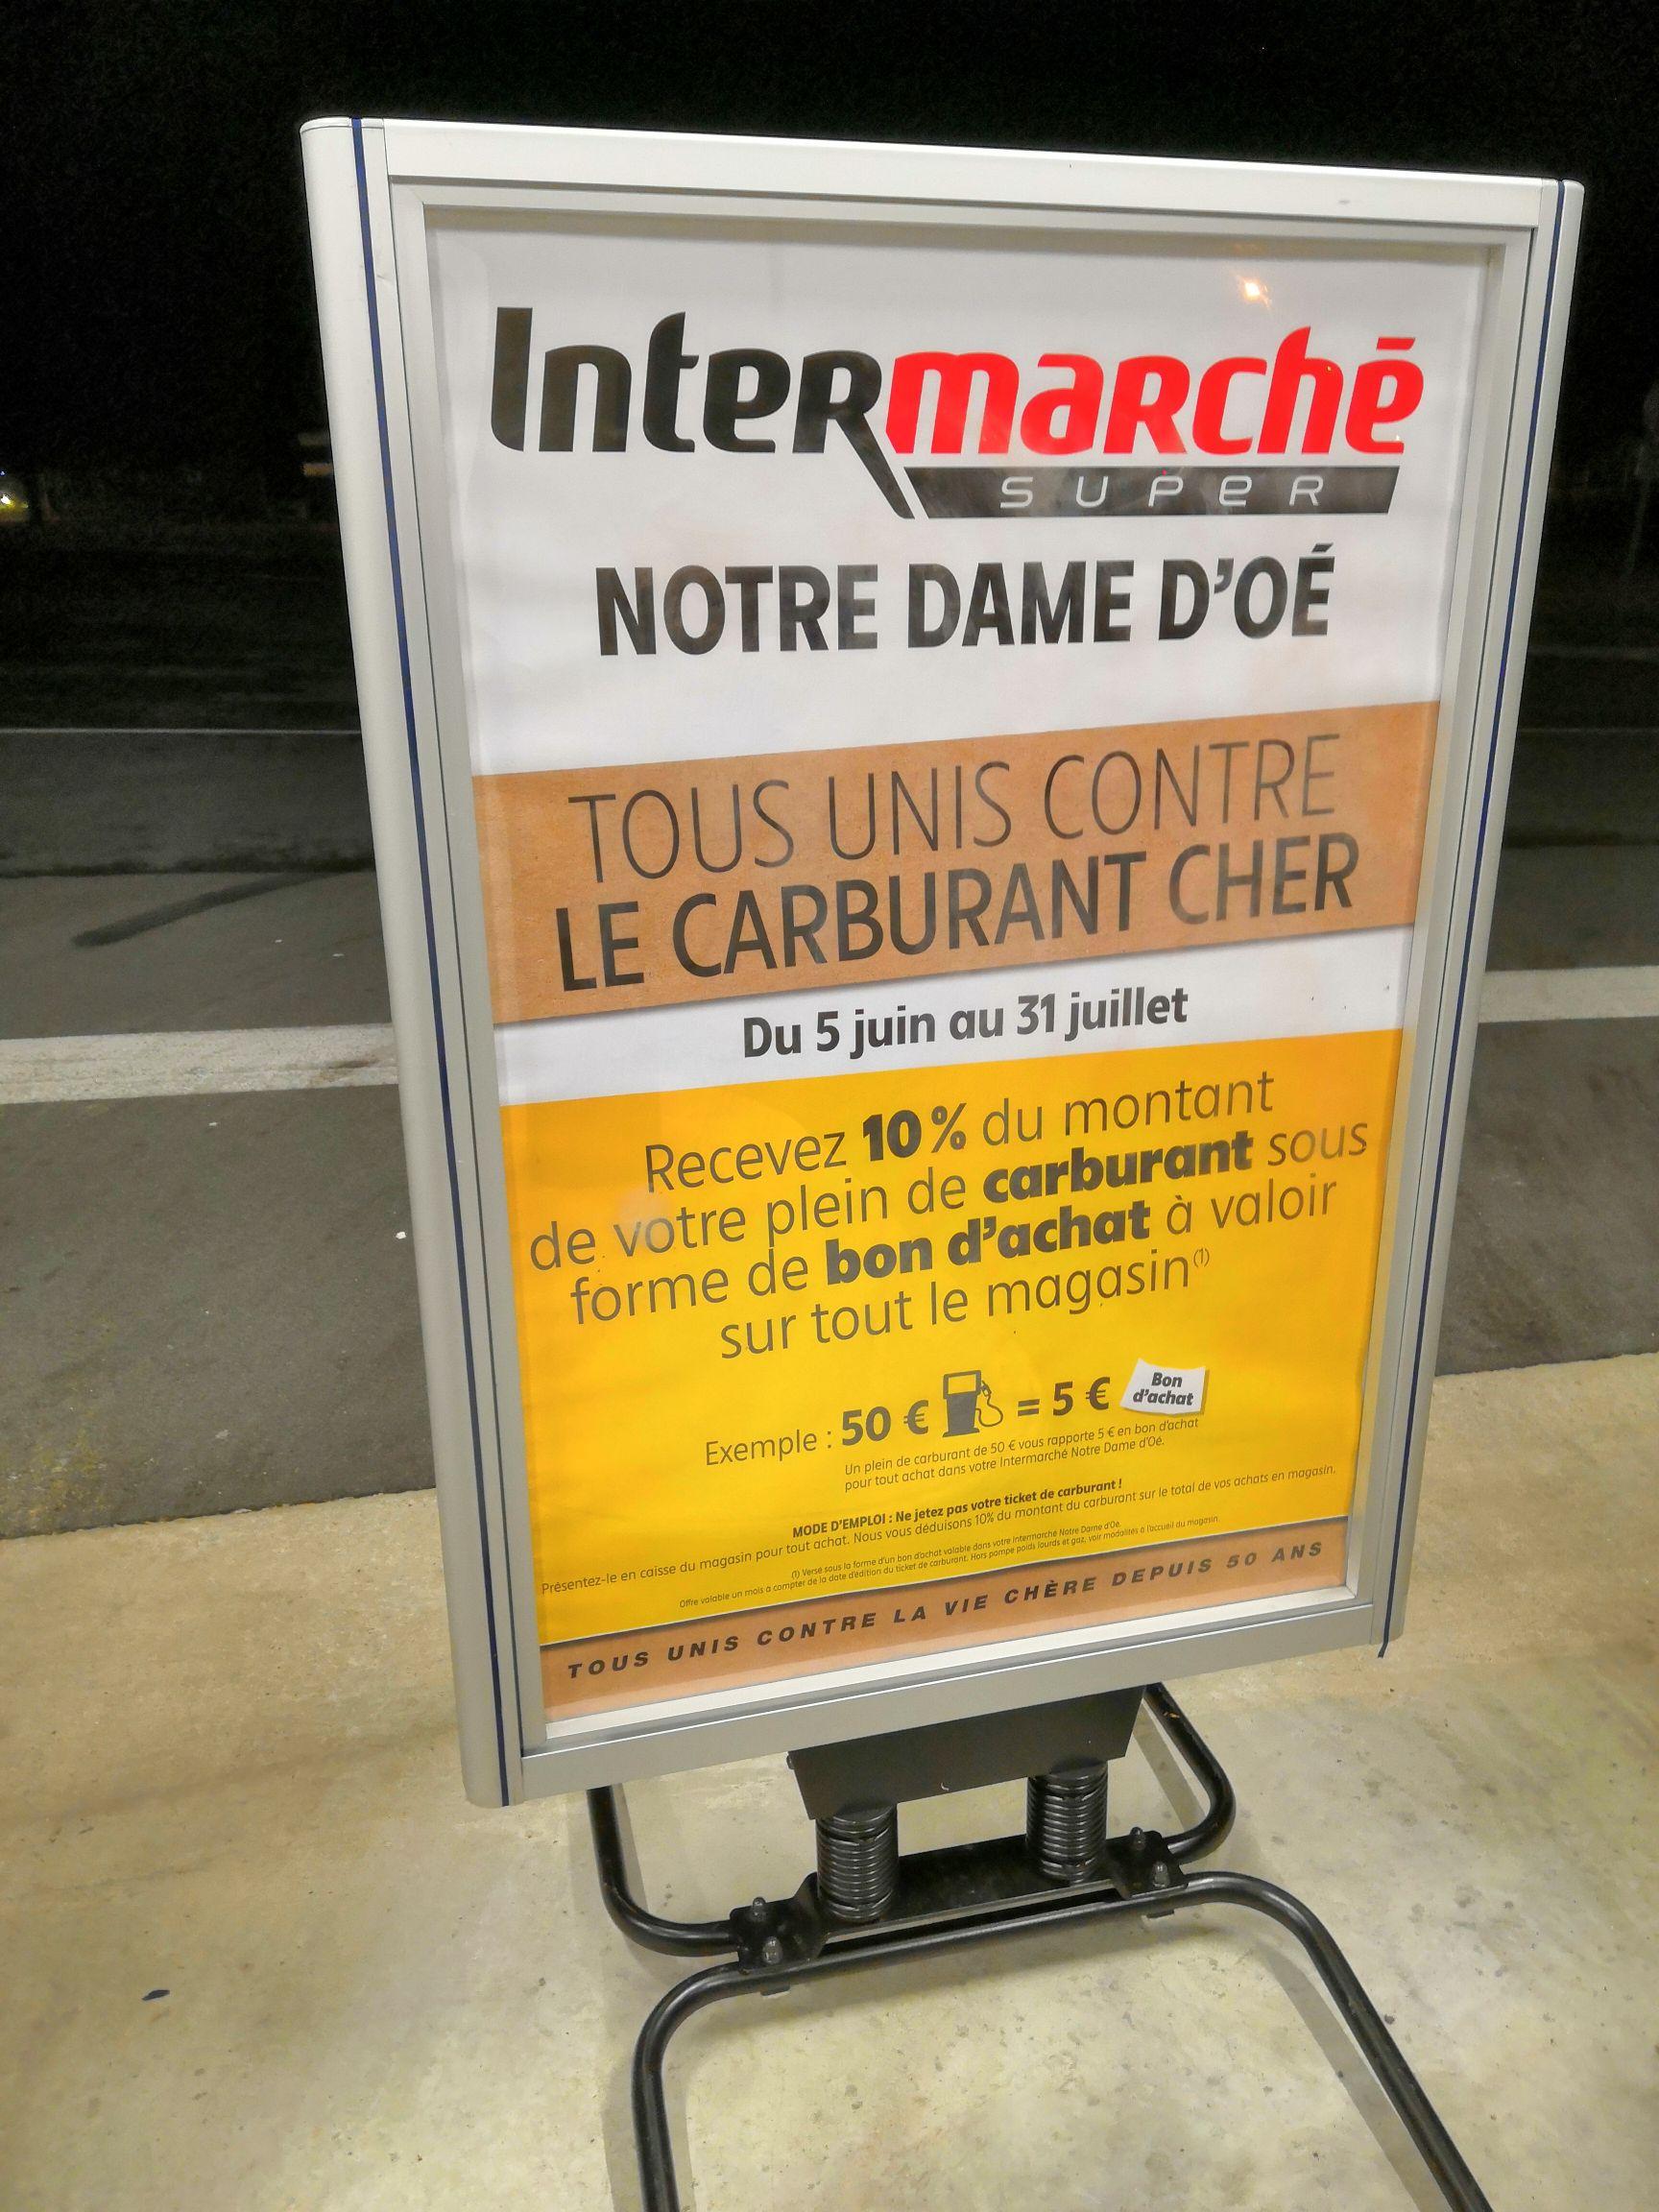 Carburant, 10% remboursés en bon d'achat - Notre-Dame-d'Oé (37)